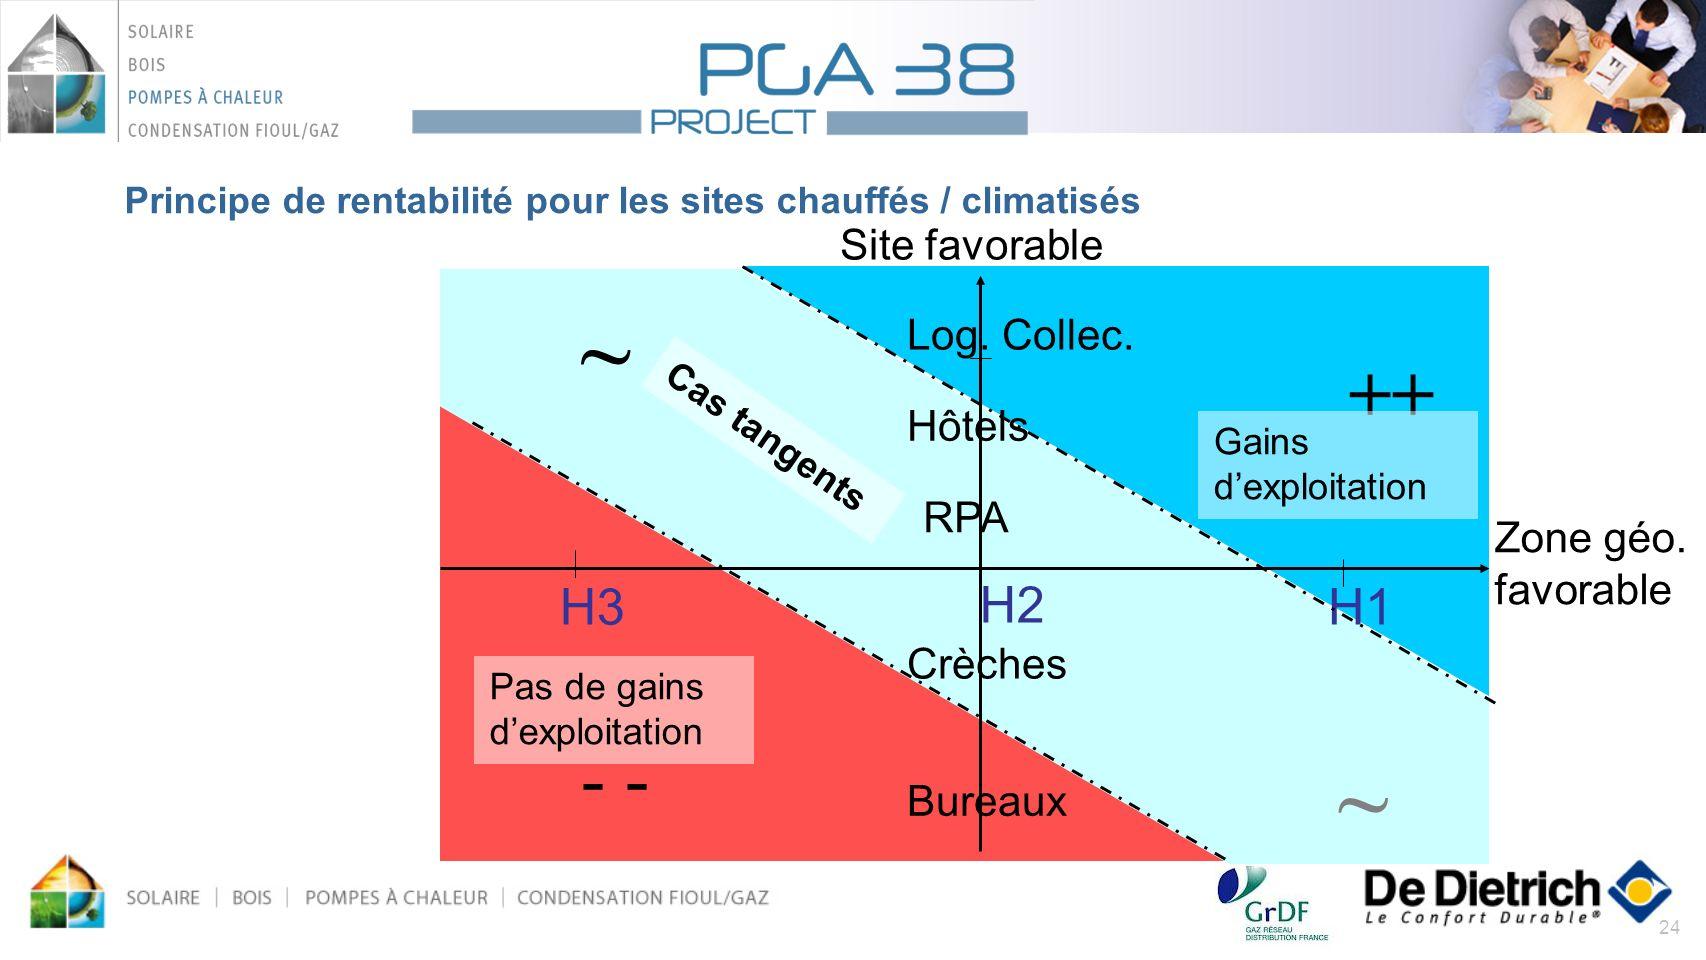 Principe de rentabilité pour les sites chauffés / climatisés